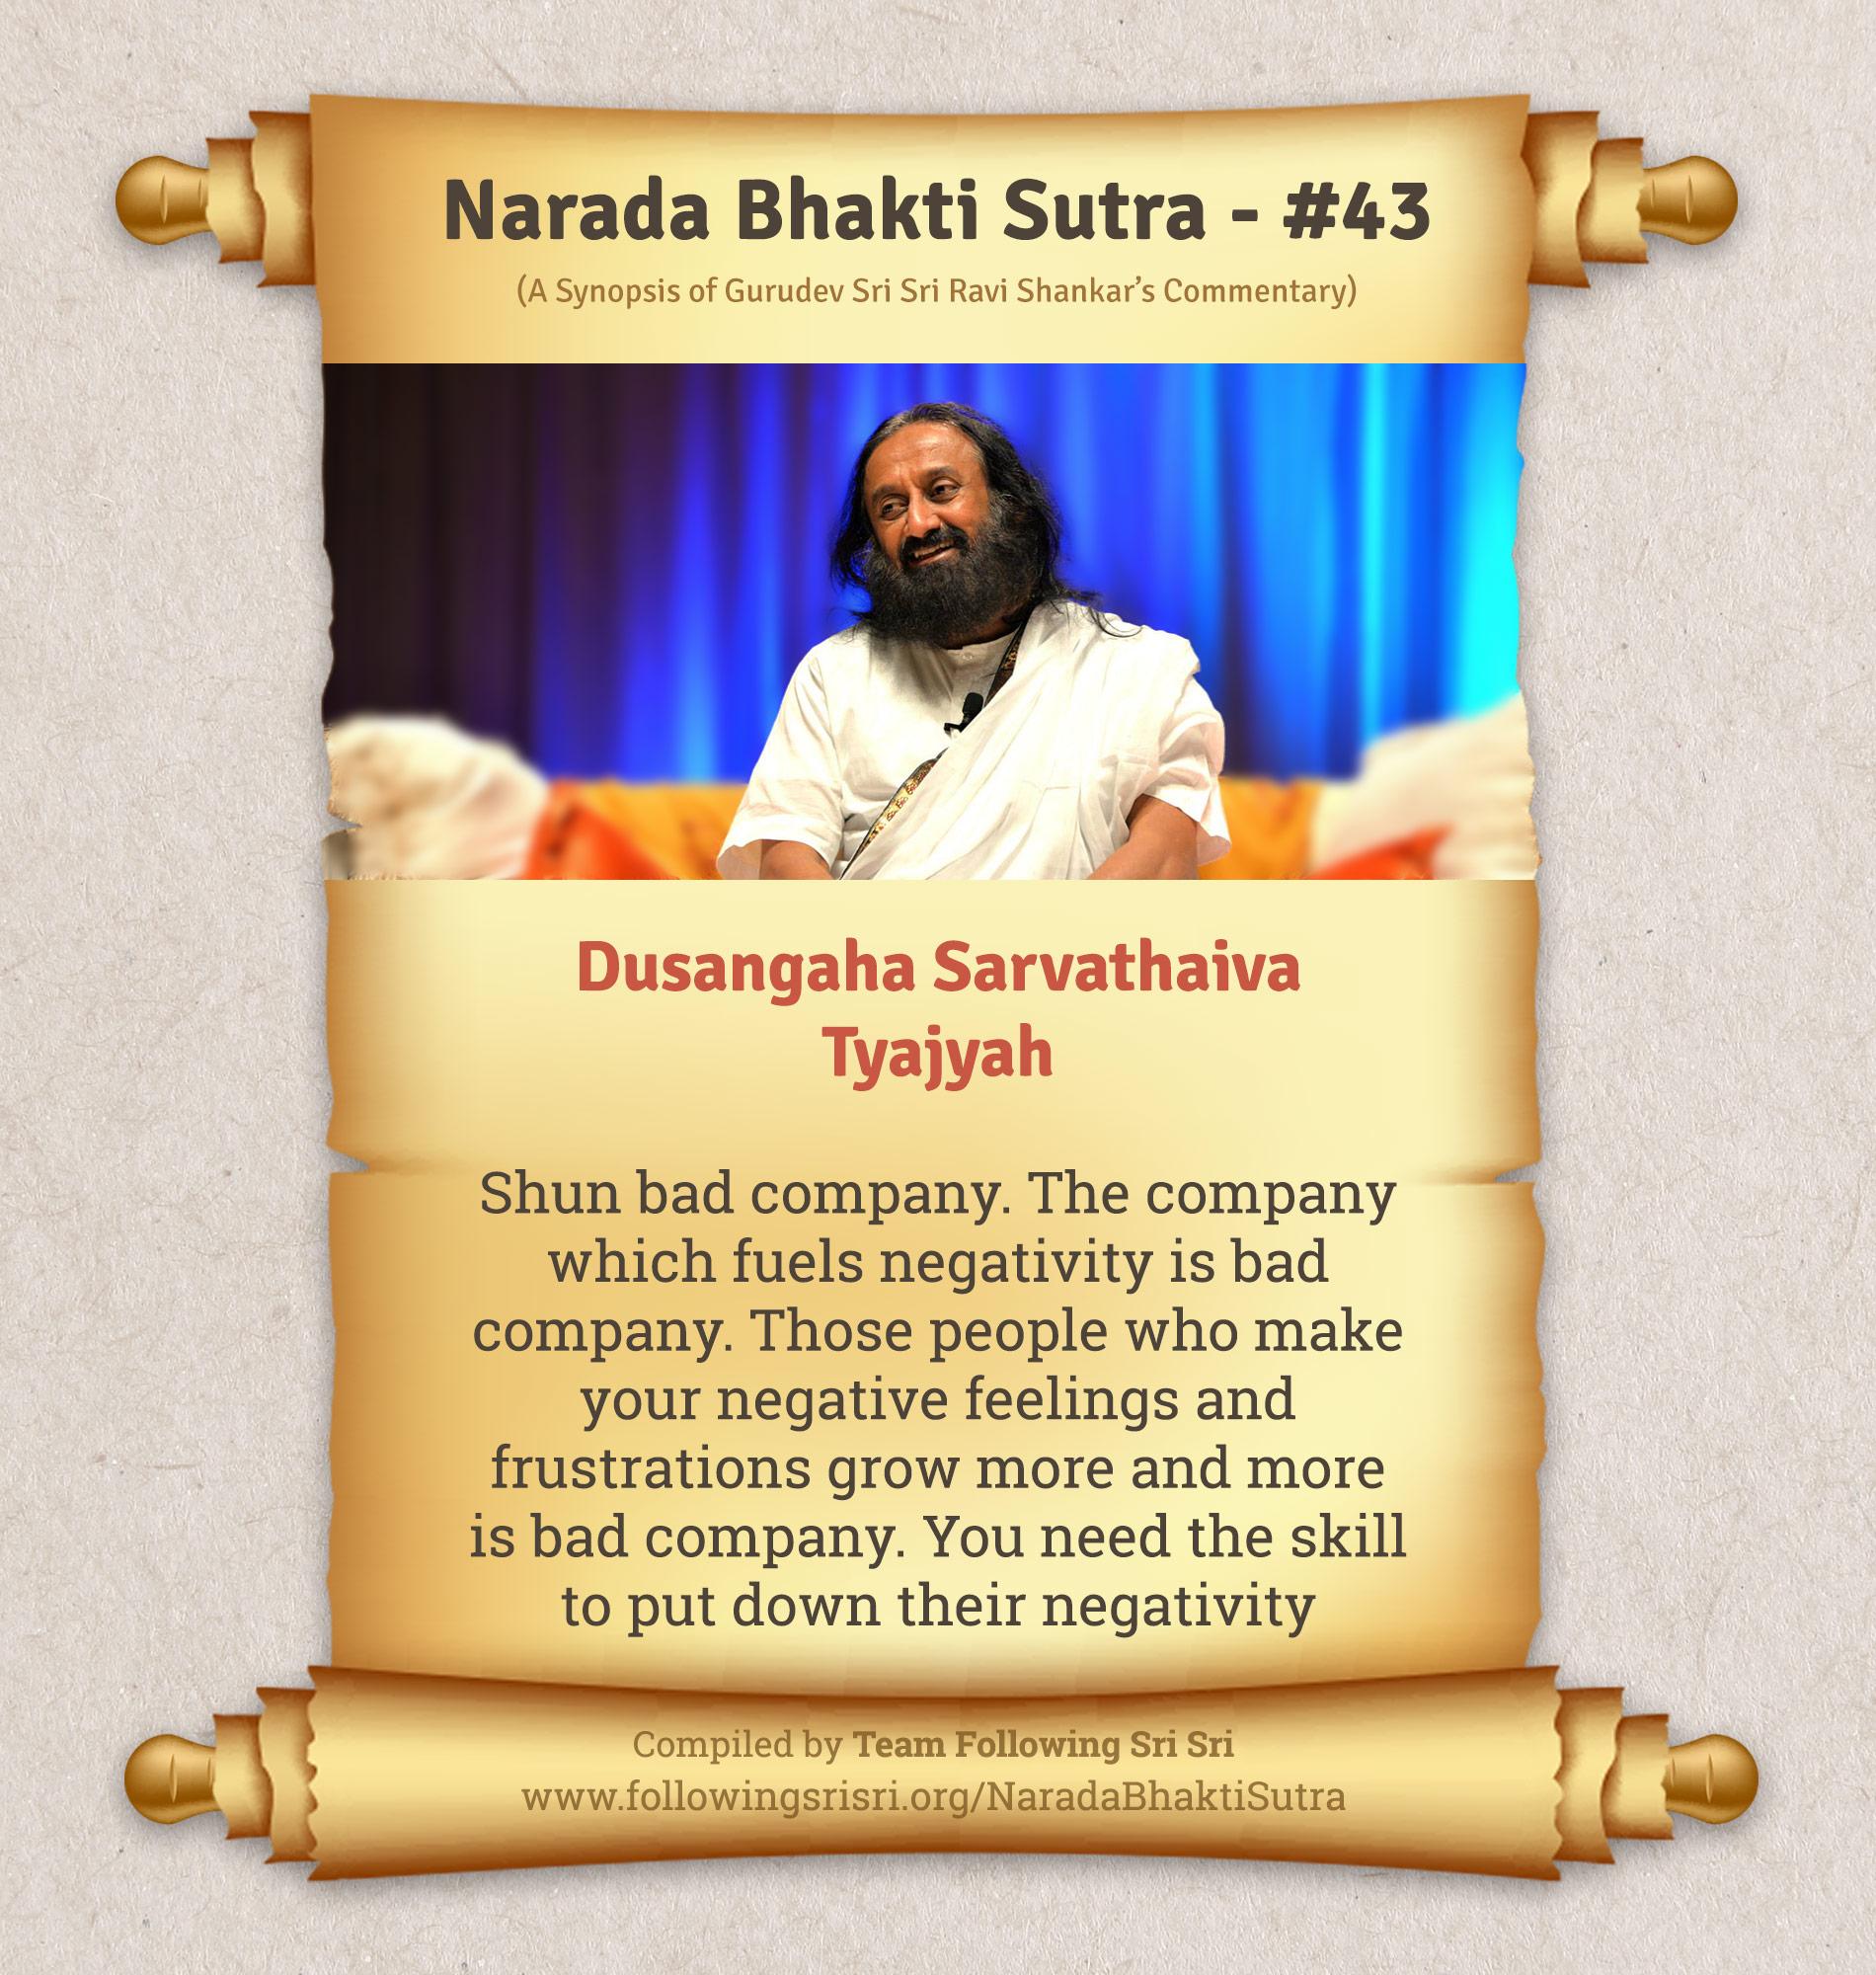 Narada Bhakti Sutras - Sutra 43